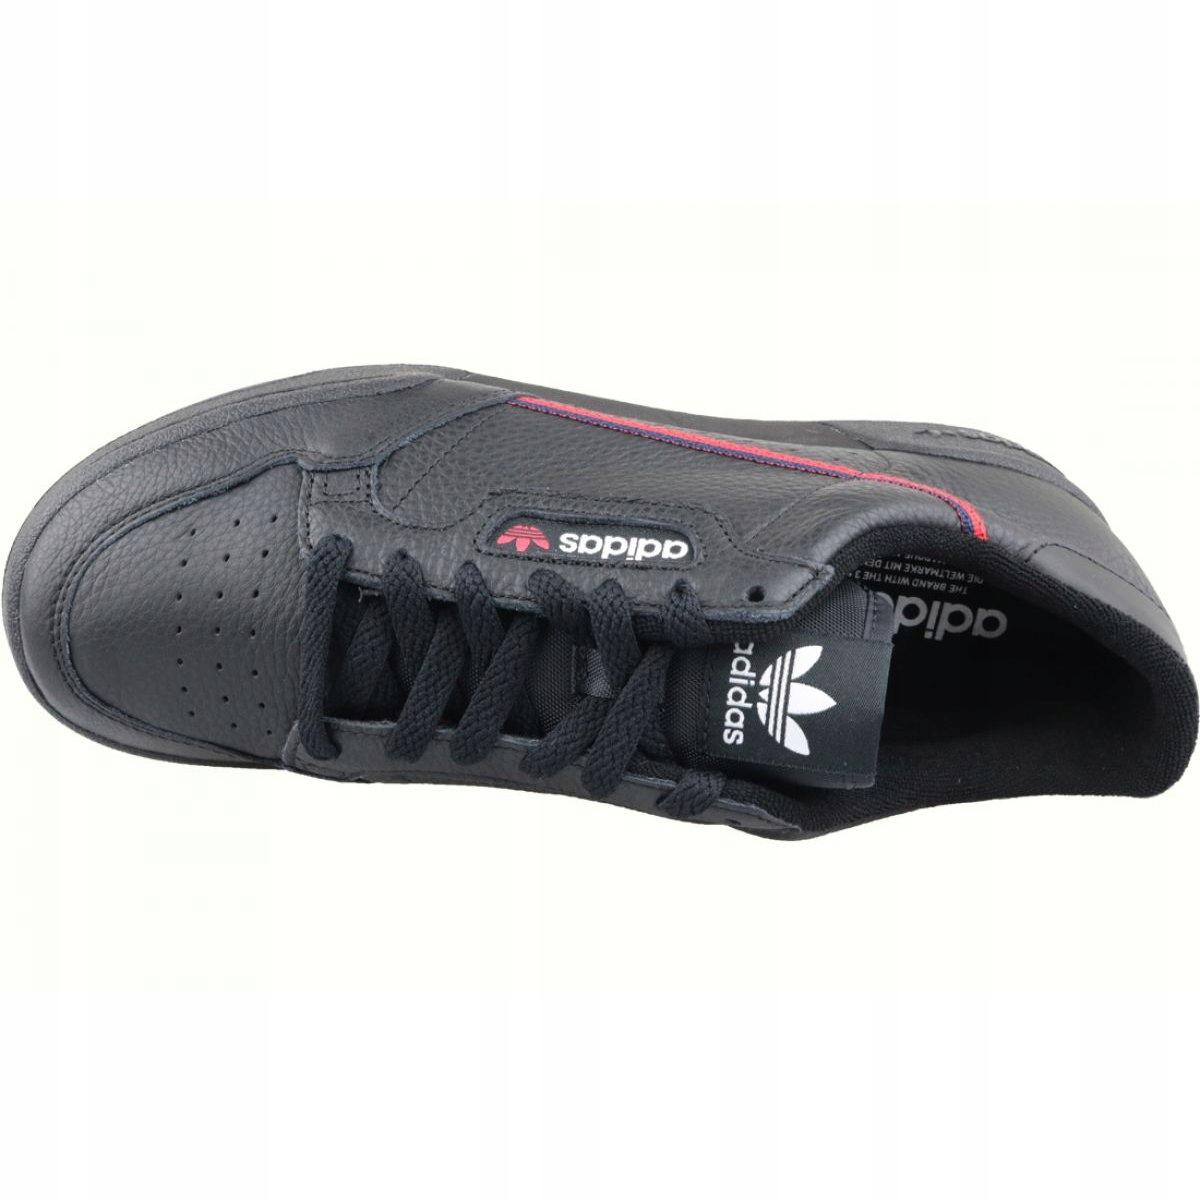 Adidas sportowe obuwie męskie mężczyźni r.43 1/3 9140644675